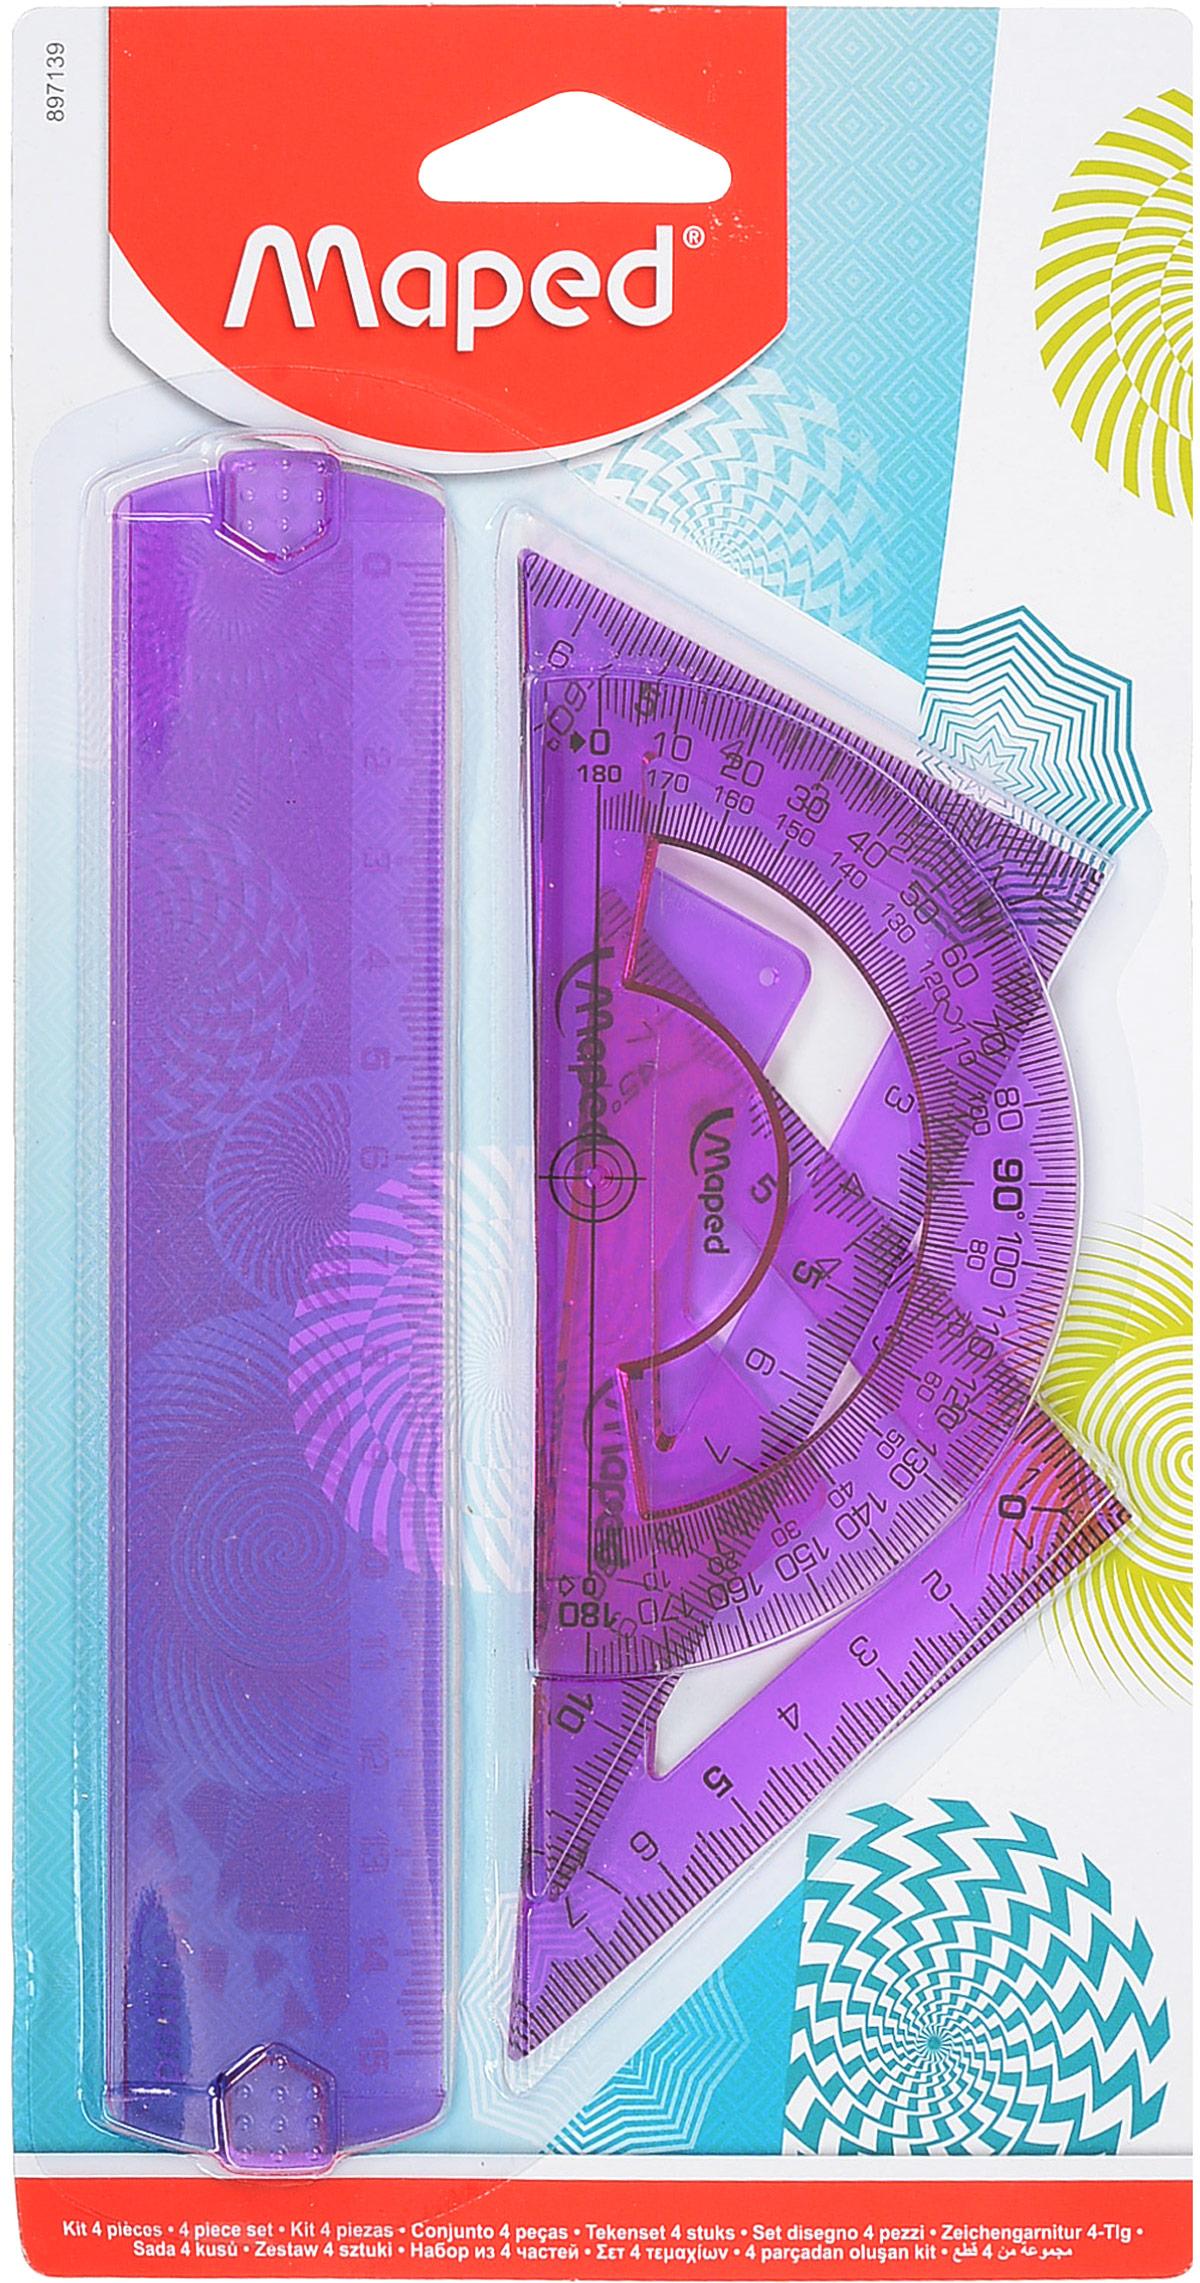 Maped Геометрический набор Start мини 4 предмета цвет фиолетовый897139_фиолетовыйГеометрический набор Maped, выполненный из цветного прозрачного пластика, состоит из трех предметов: линейки на 15 сантиметров, транспортира на 180 градусов и 2 угольников. Один угольник с углом 45 градусов, второй угольник - 60 градусов. Нулевая отметка расположена в вершине угольников, что позволяет измерять и чертить одновременно.Шкала выполнена гравировкой.